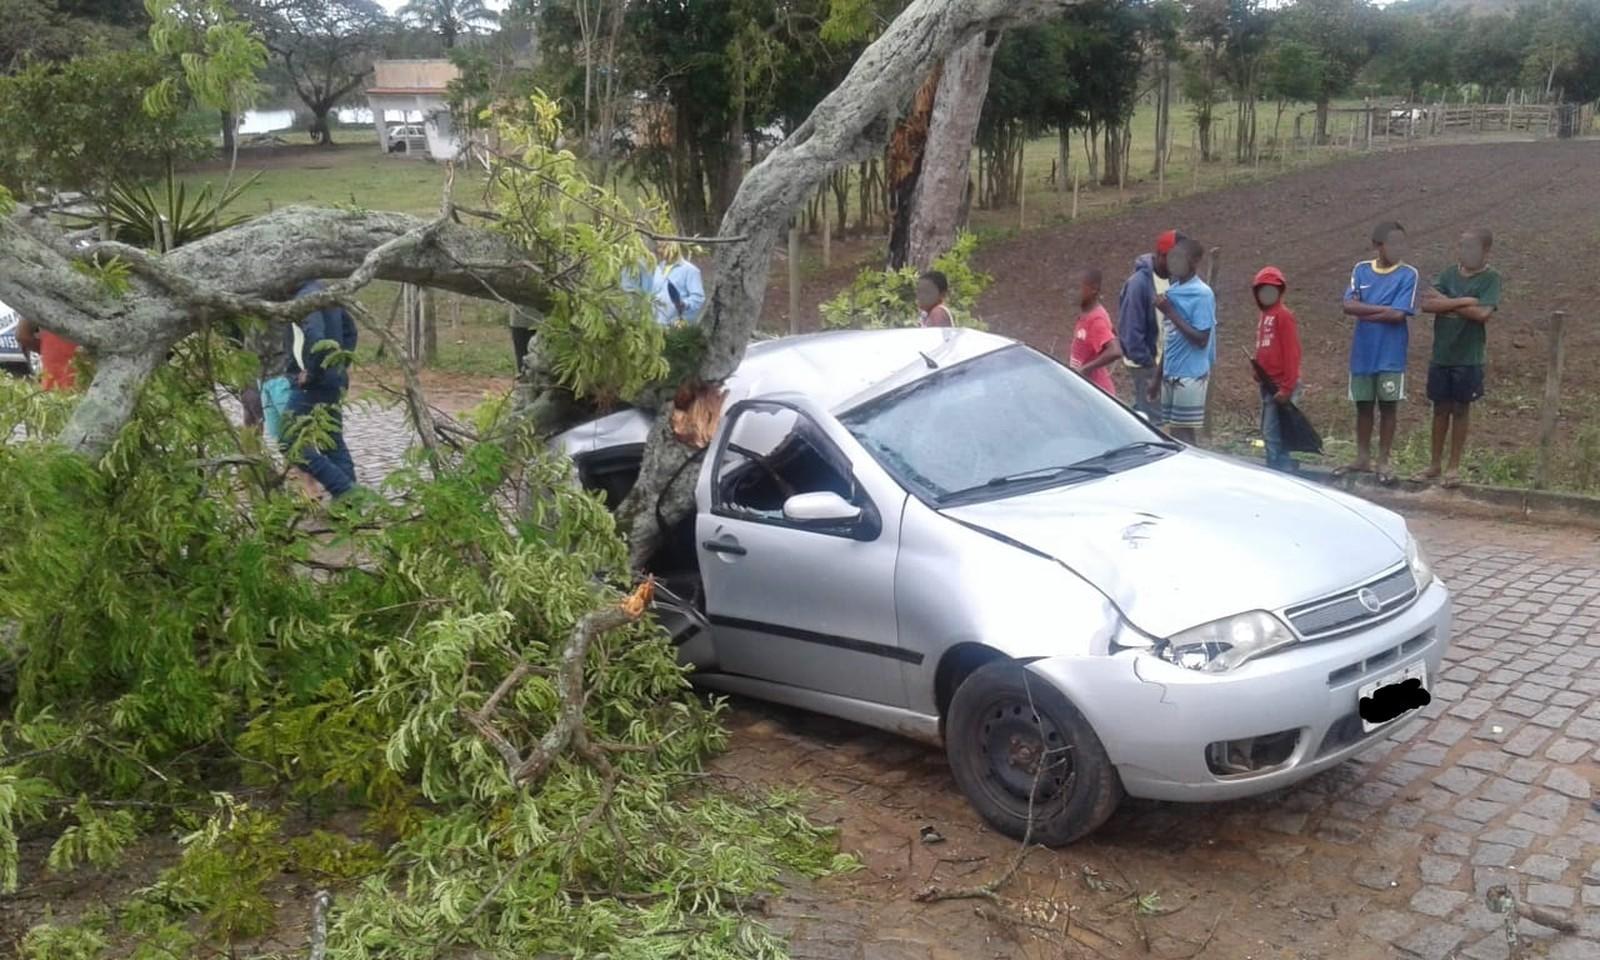 Árvore cai sobre carro após ventania em Carapebus, no RJ; ninguém ficou ferido - Notícias - Plantão Diário